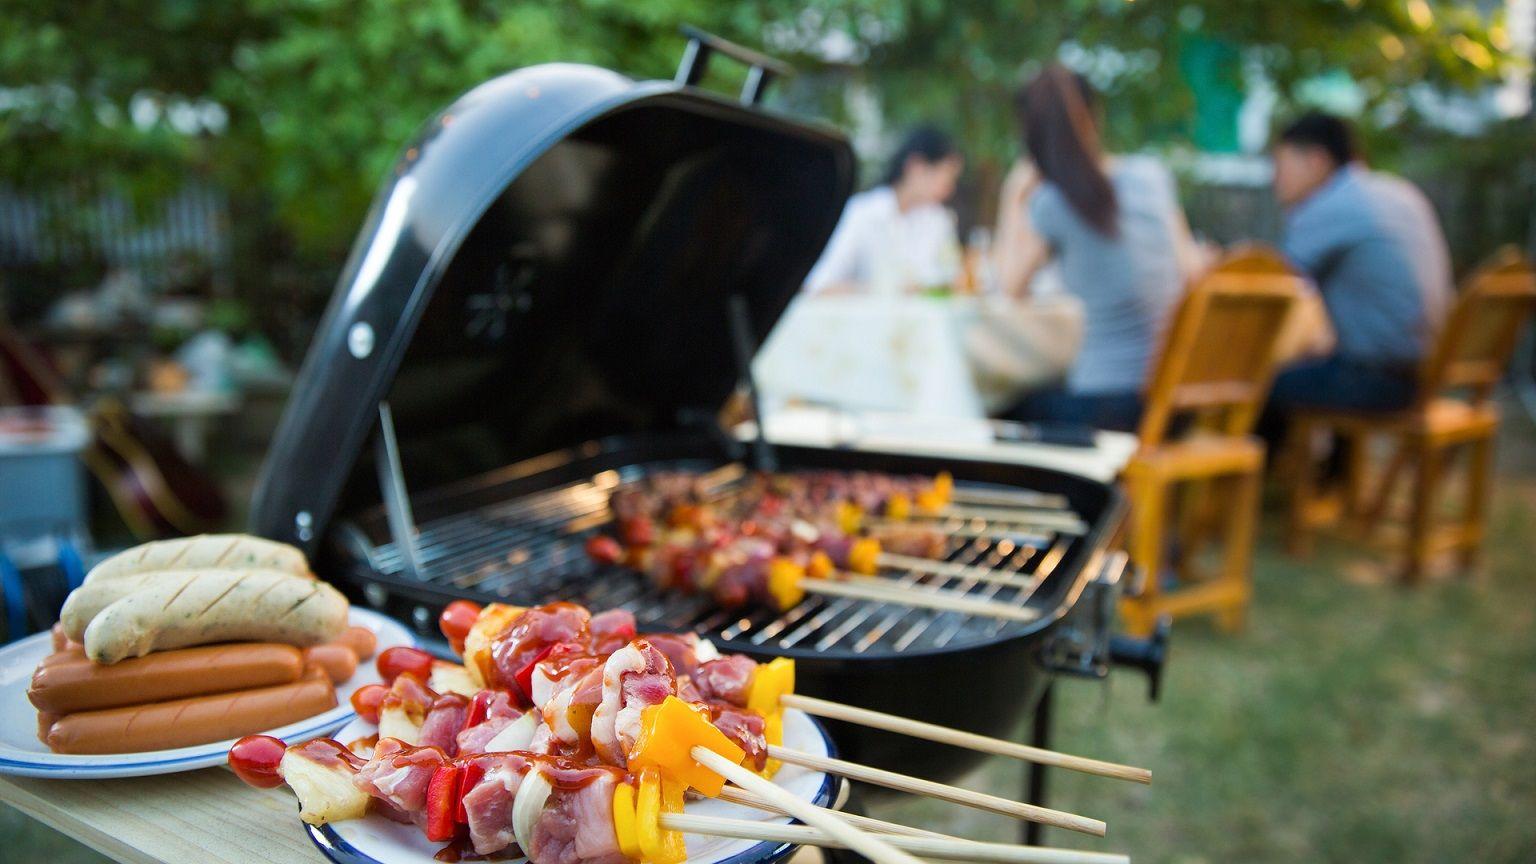 Alimentos diversos e bebidas não podem faltar no churrasco em casa (Imagem: Shutterstock)